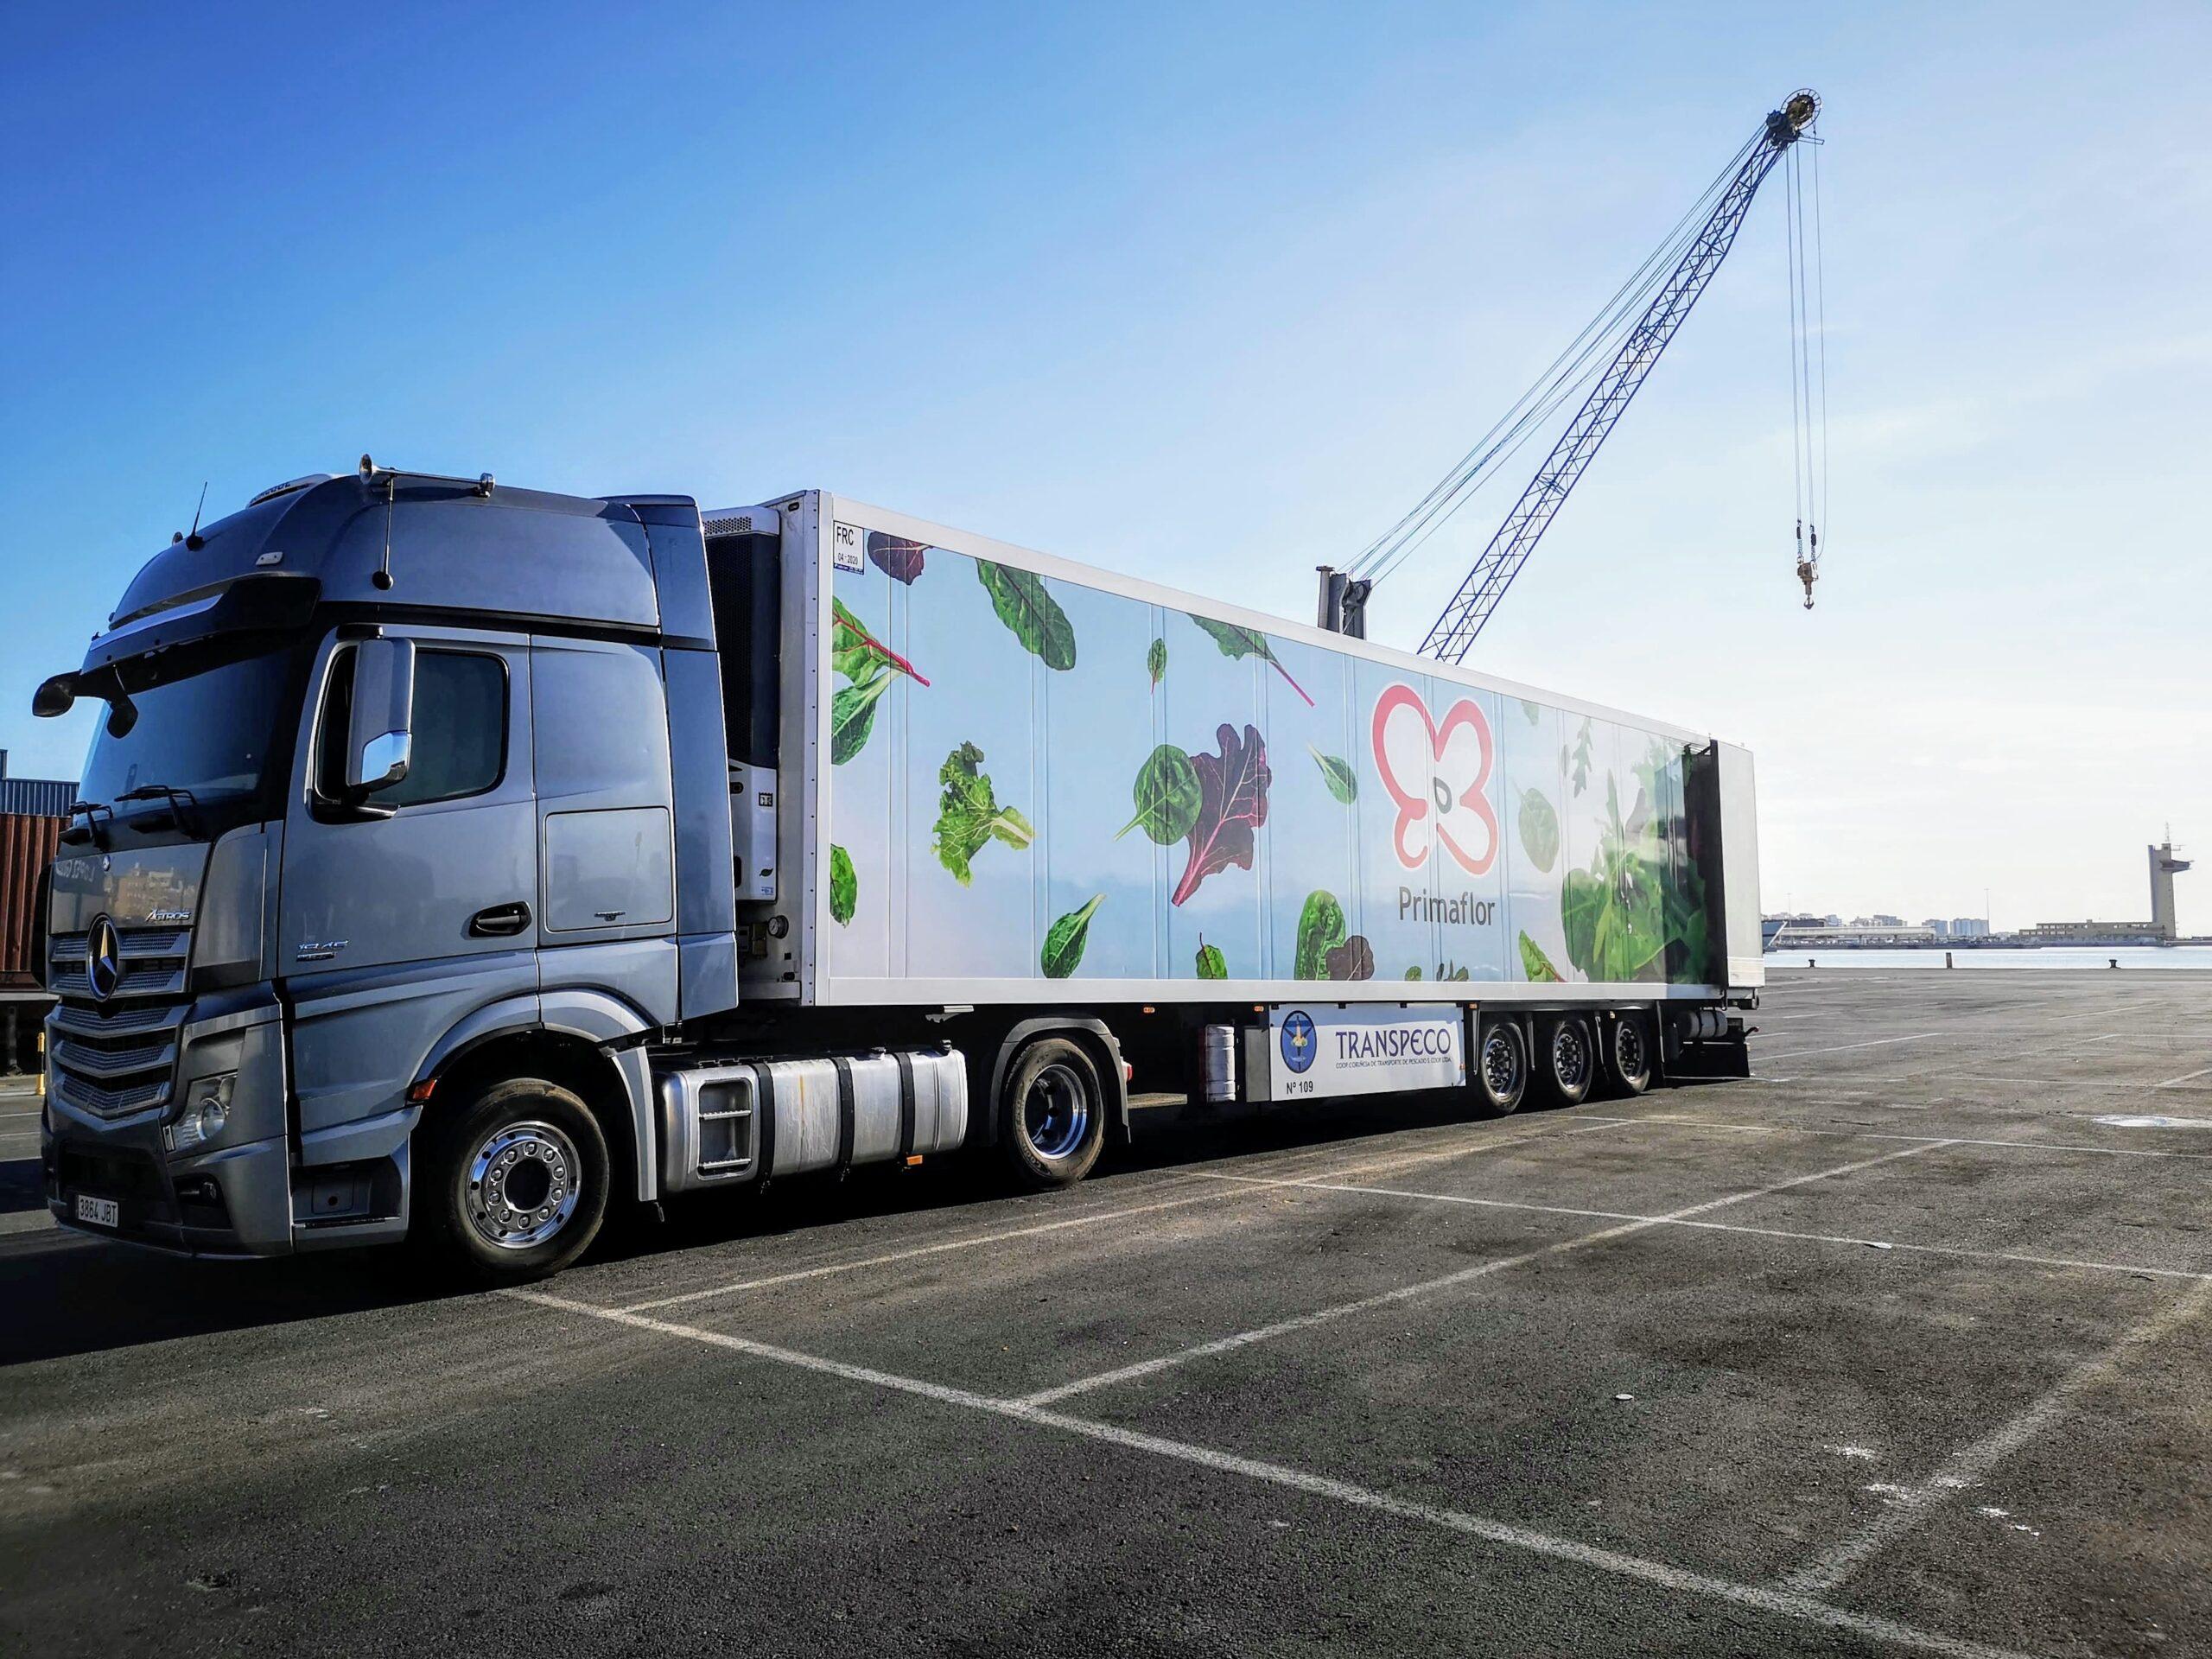 Almería acoge una jornada sobre el transporte marítimo de corta distancia y el compromiso del Puerto con la sostenibilidad